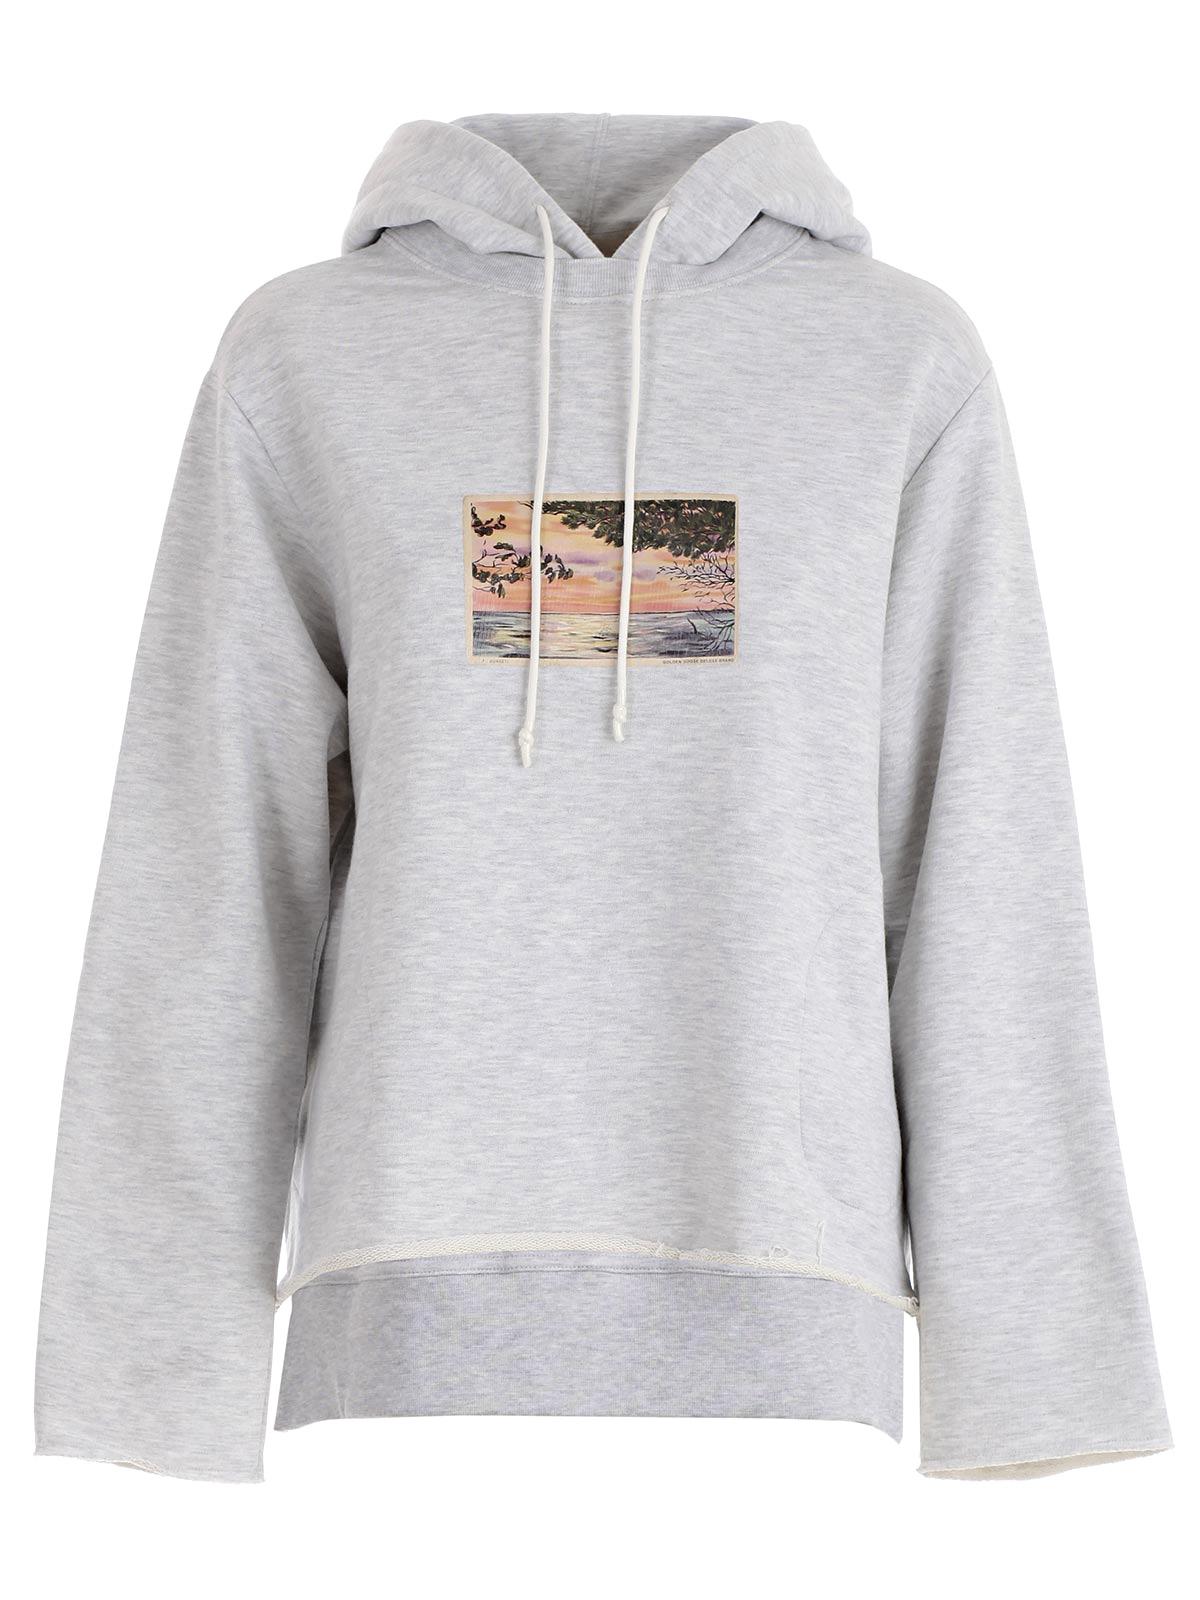 Picture of Golden Goose Deluxe Brand Sweatshirt